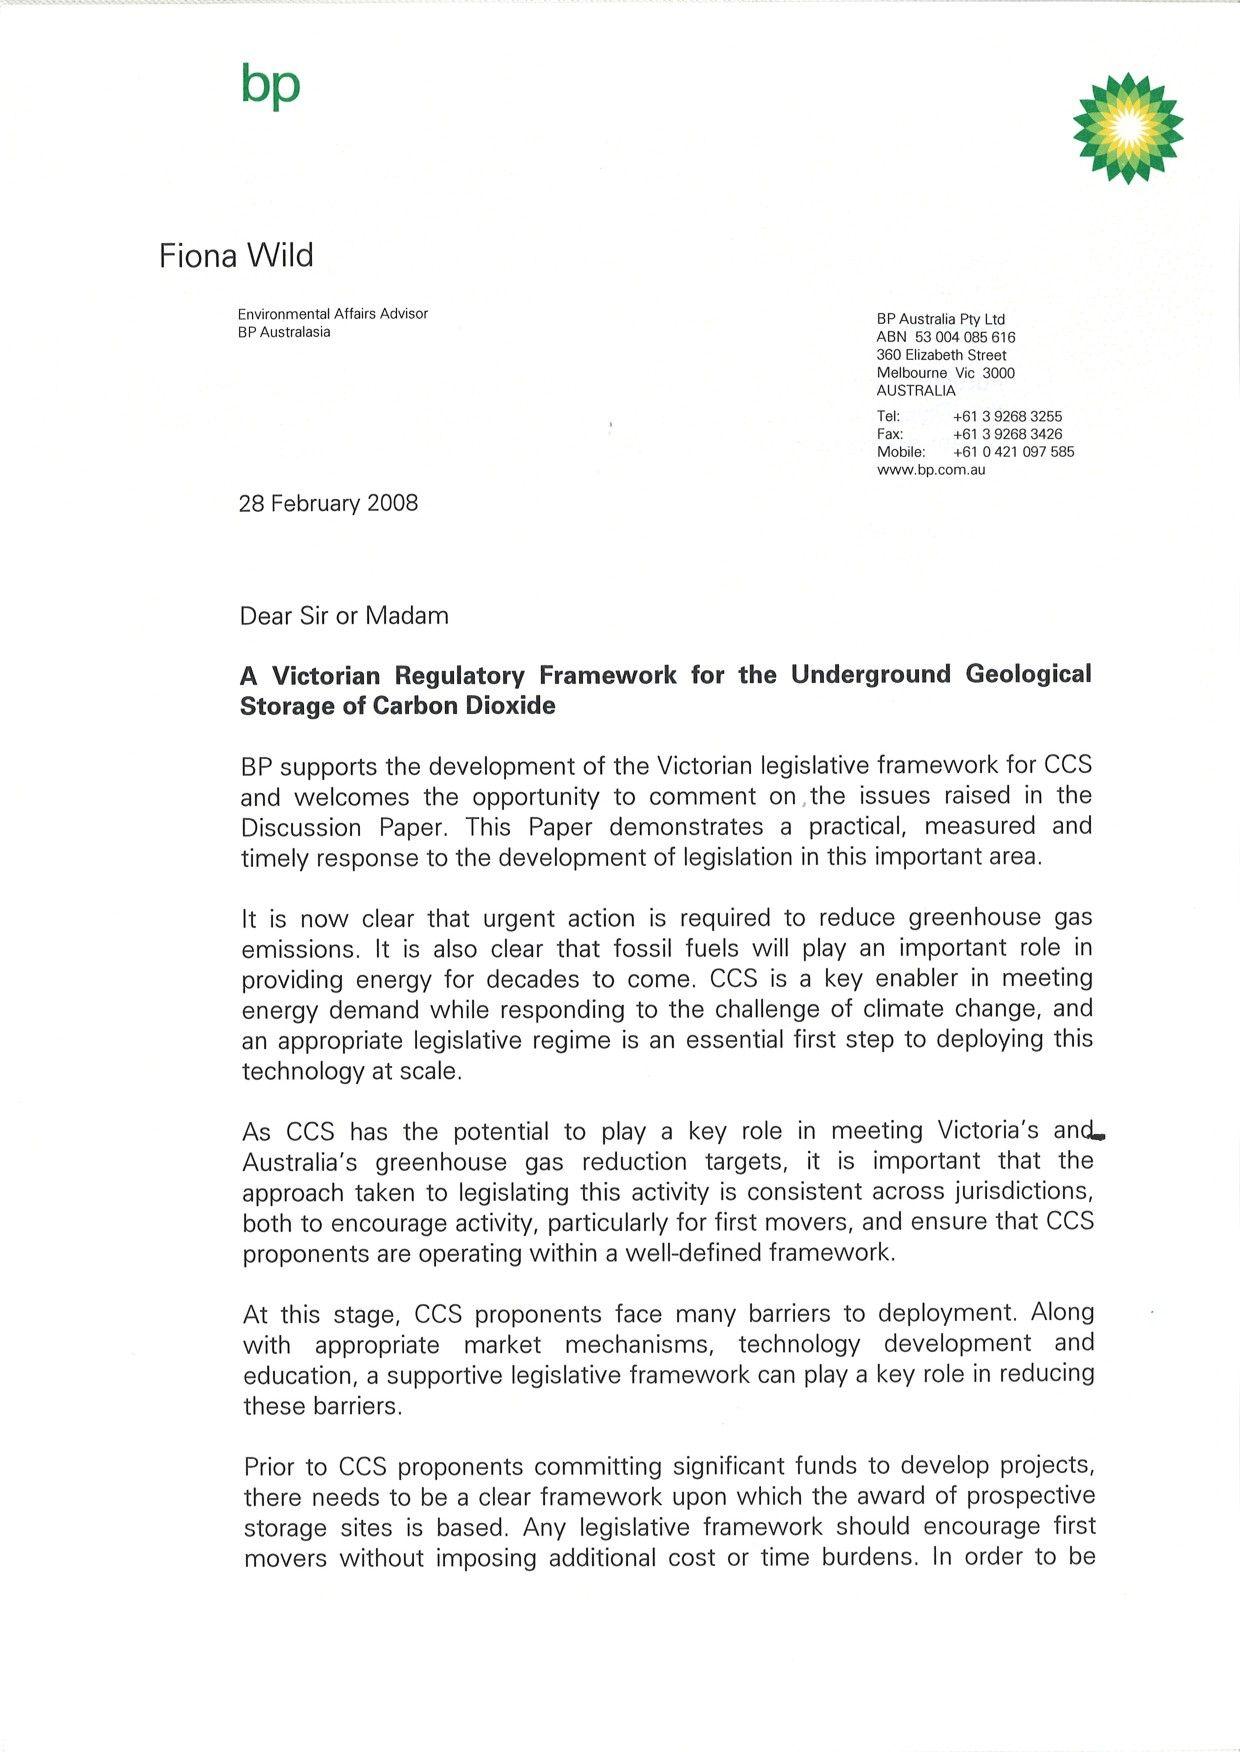 letter template australia  cover letter for job application australia - Zimer.bwong.co